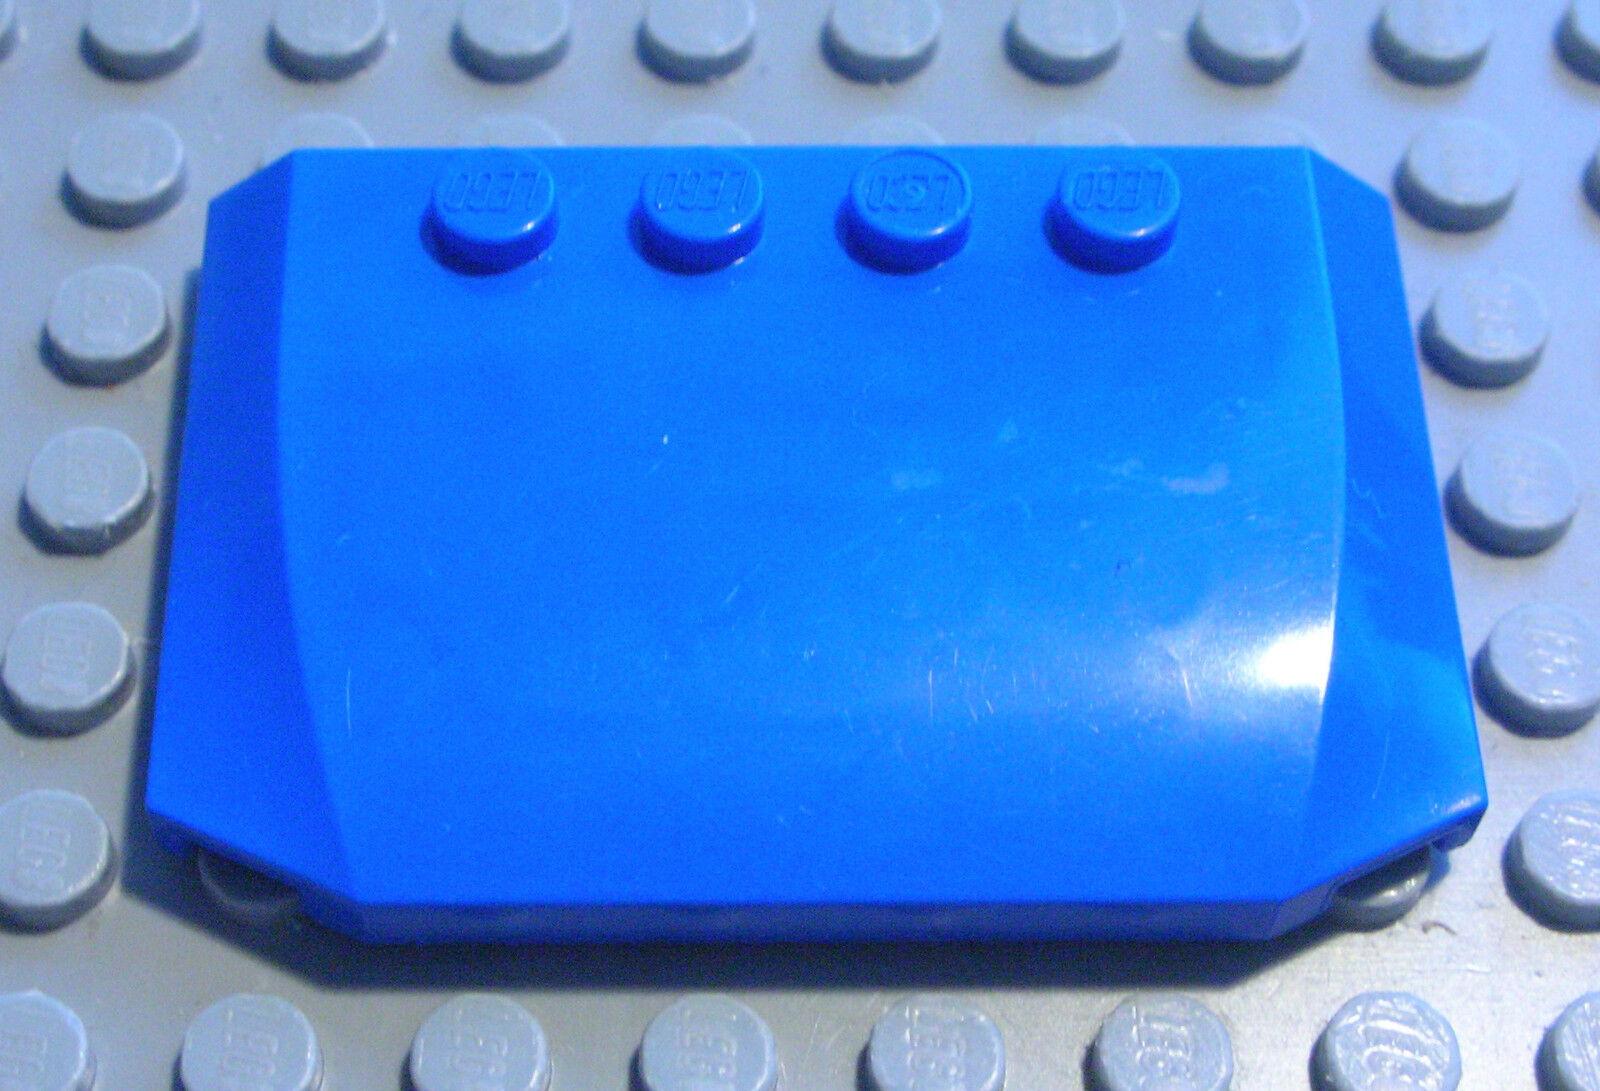 LEGO 10 x Fenster Scheibe Auto 3x4x1 transparent hell blau LKW PKW 2437